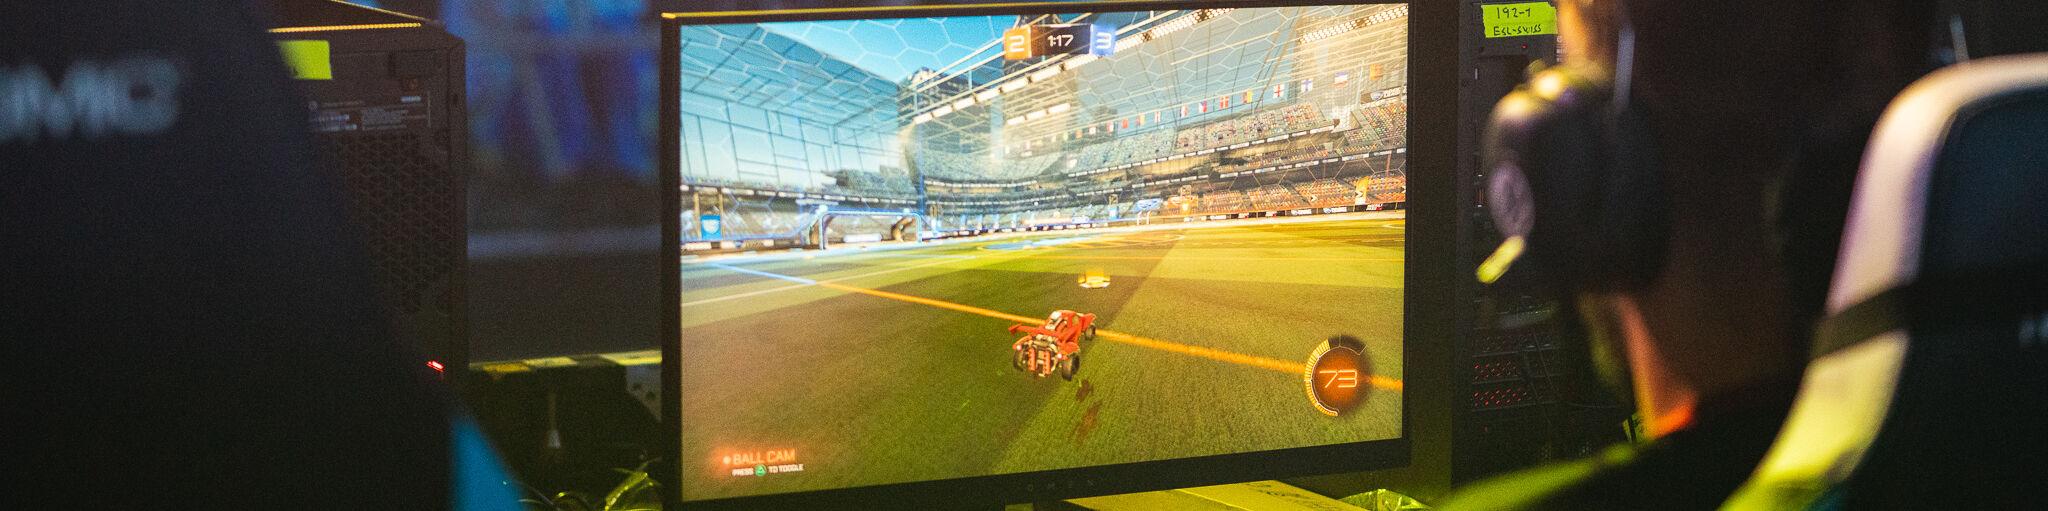 Events abgesagt – Gaming läuft: Wie werden Schweizer Marken reagieren?